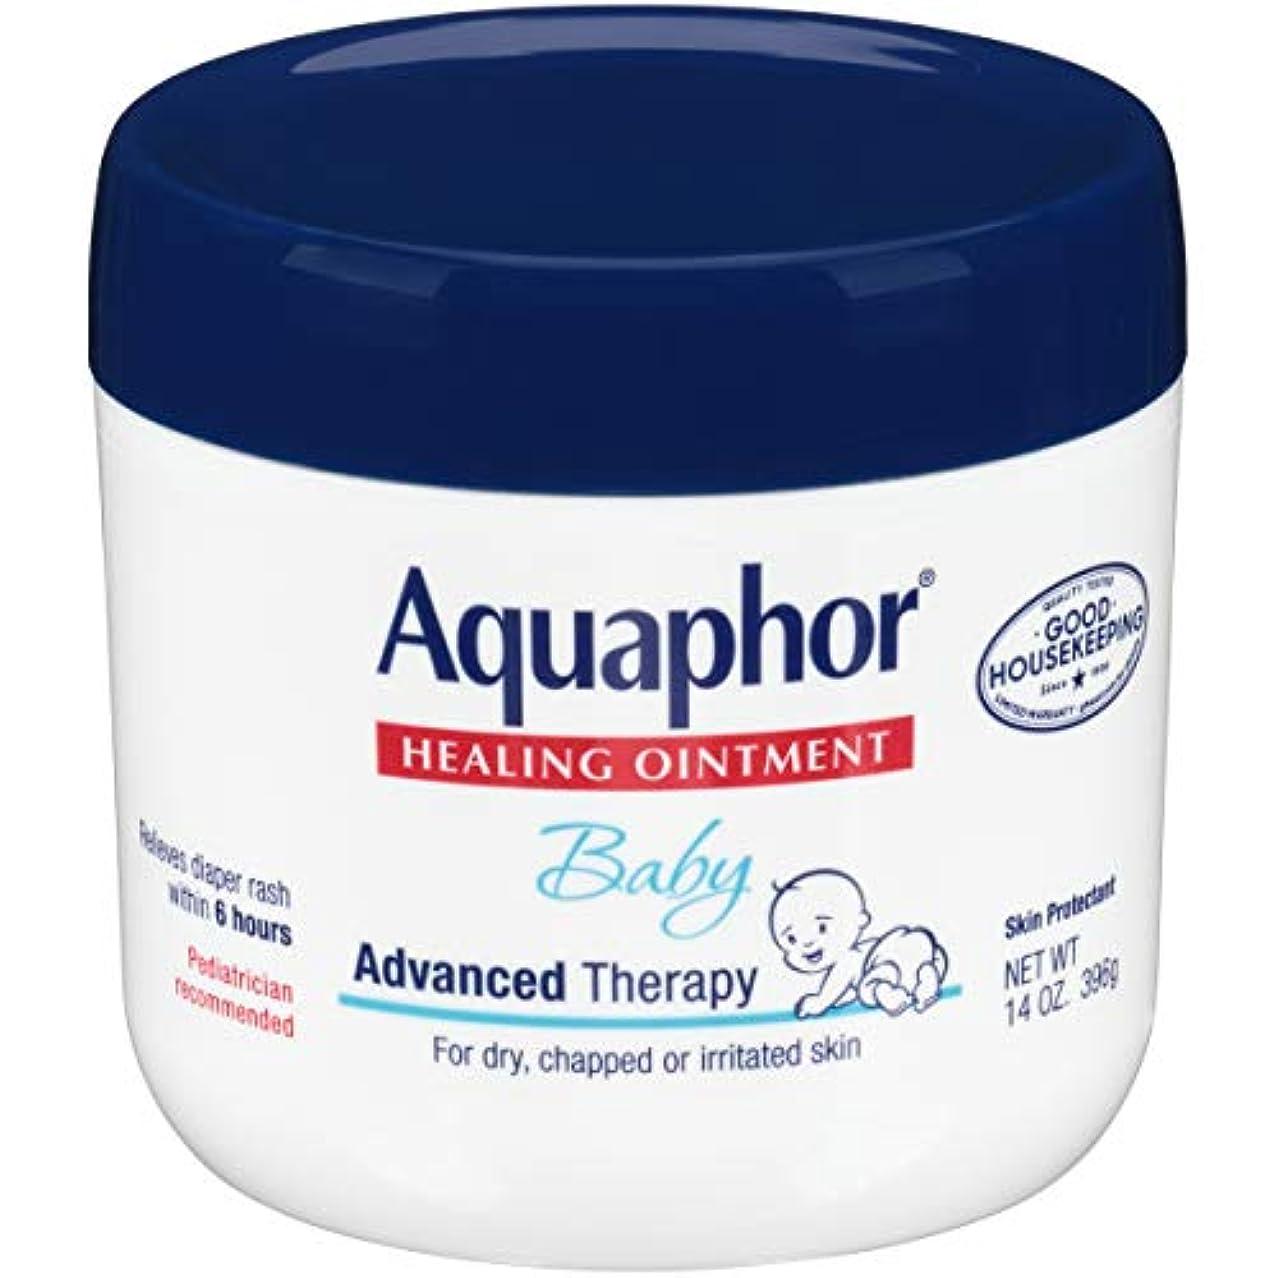 欠かせないより良い成果Aquaphor Baby Healing Ointment Advanced Therapy Skin Protectant